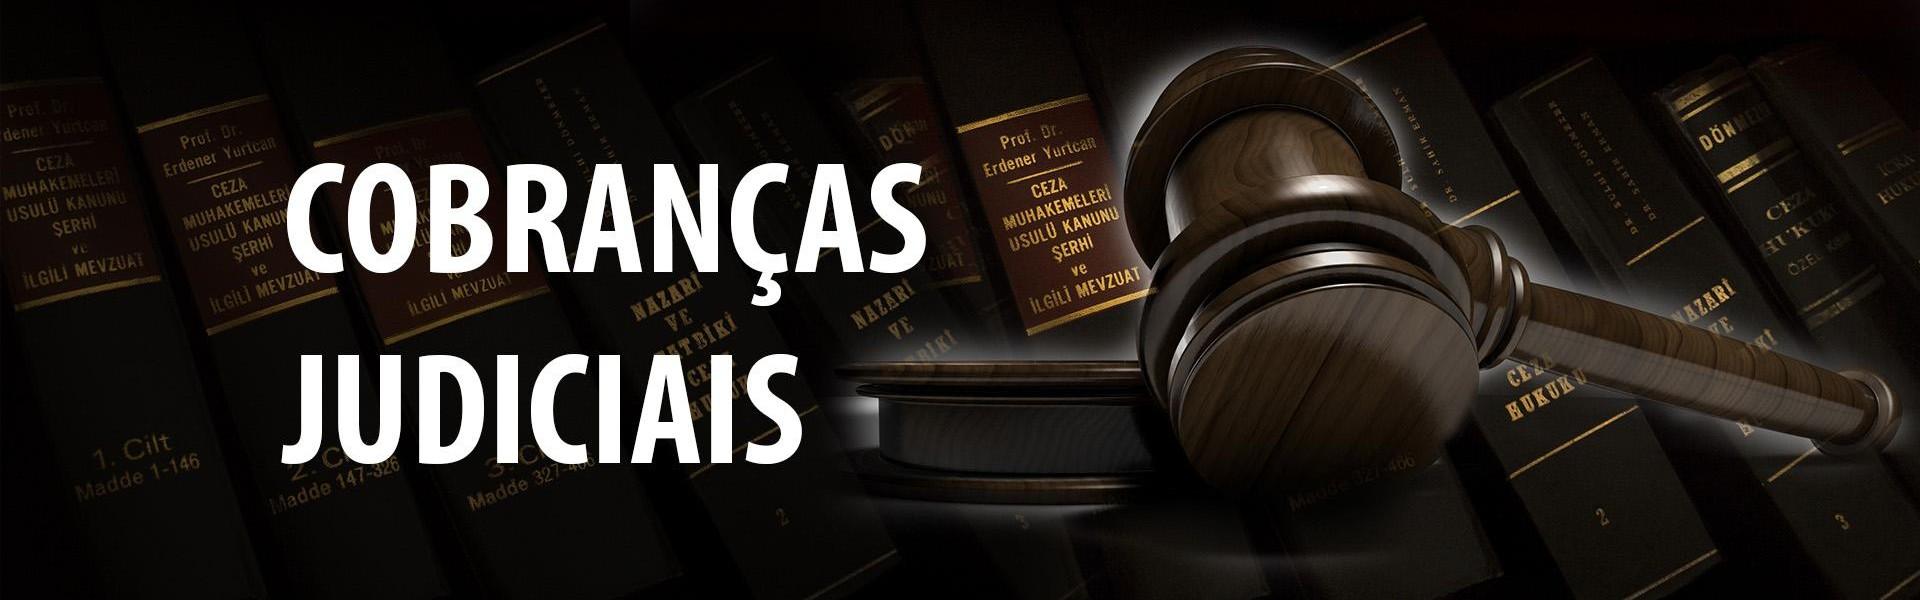 Cobranças Judiciais